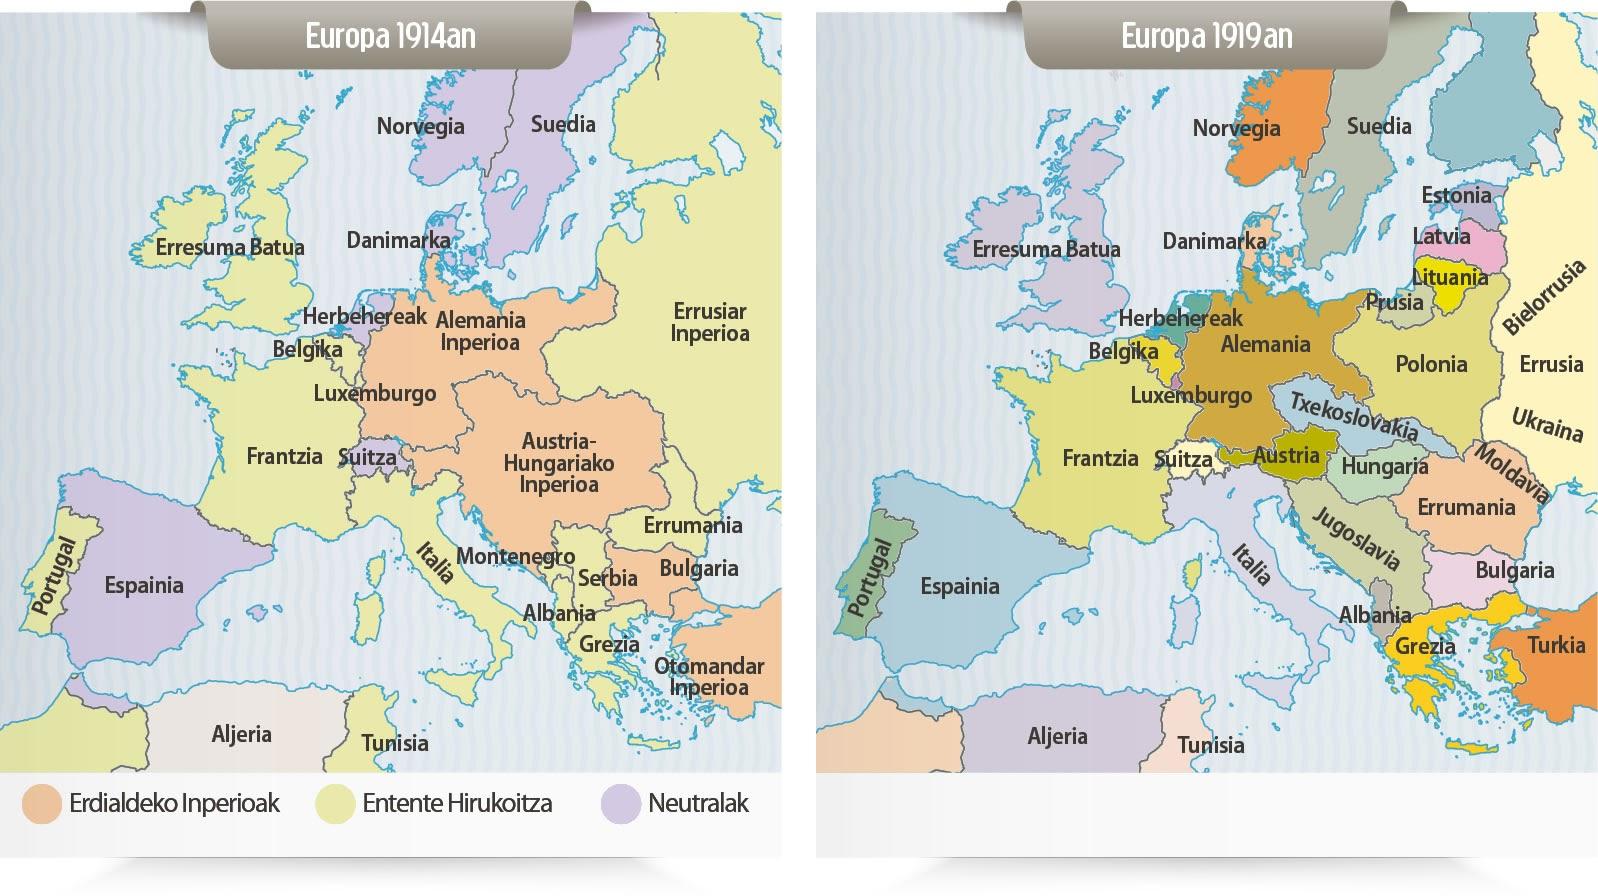 Humoristische Karte Von Europa 1914.Europa 1914